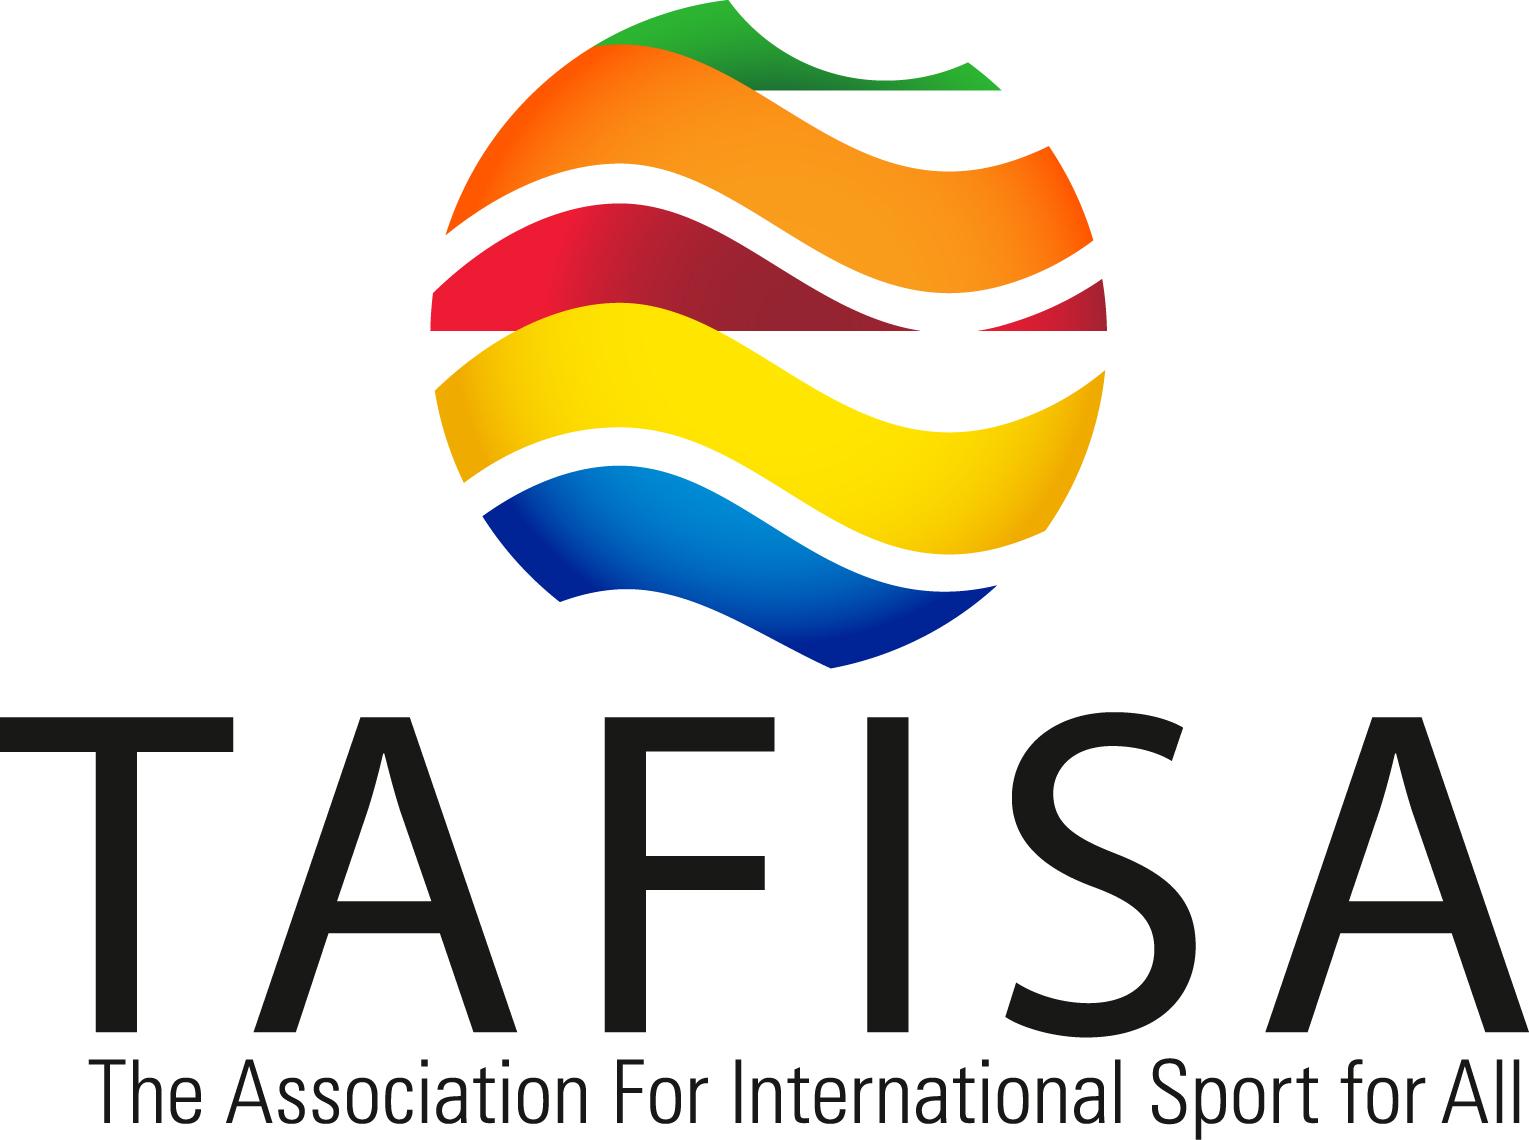 logo for The Association for International Sport for All